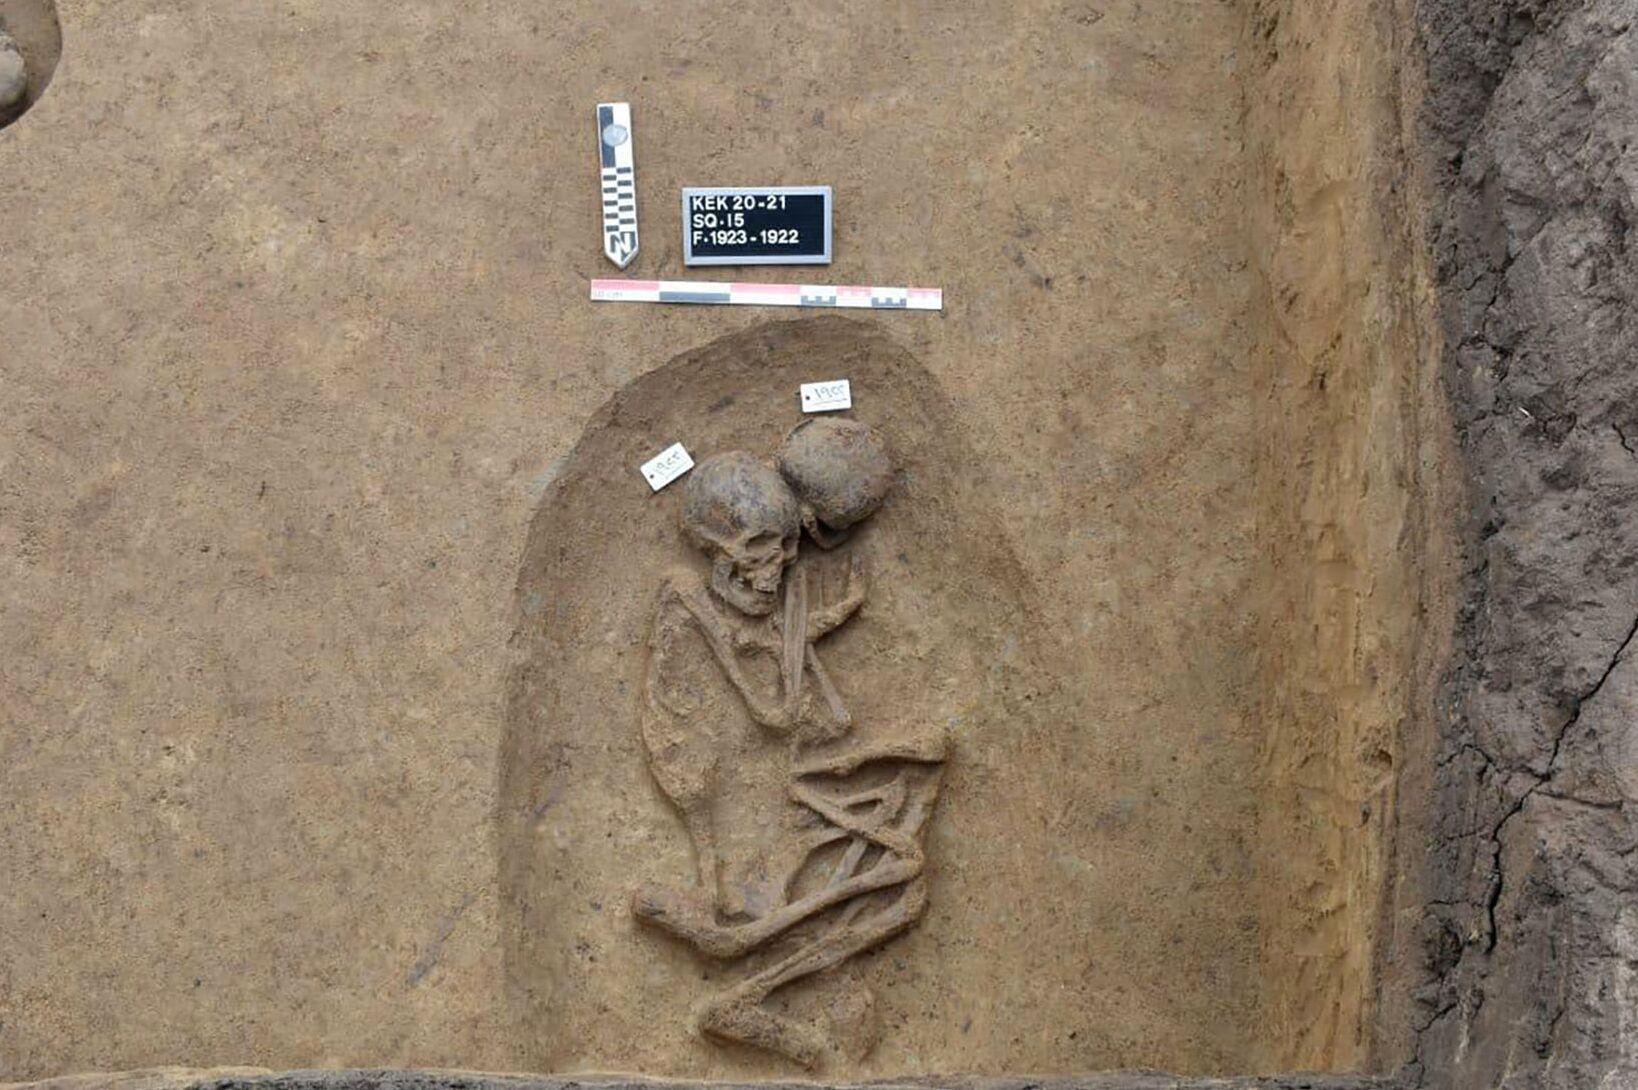 Restos humanos encontrados em tumba, no delta do Nilo